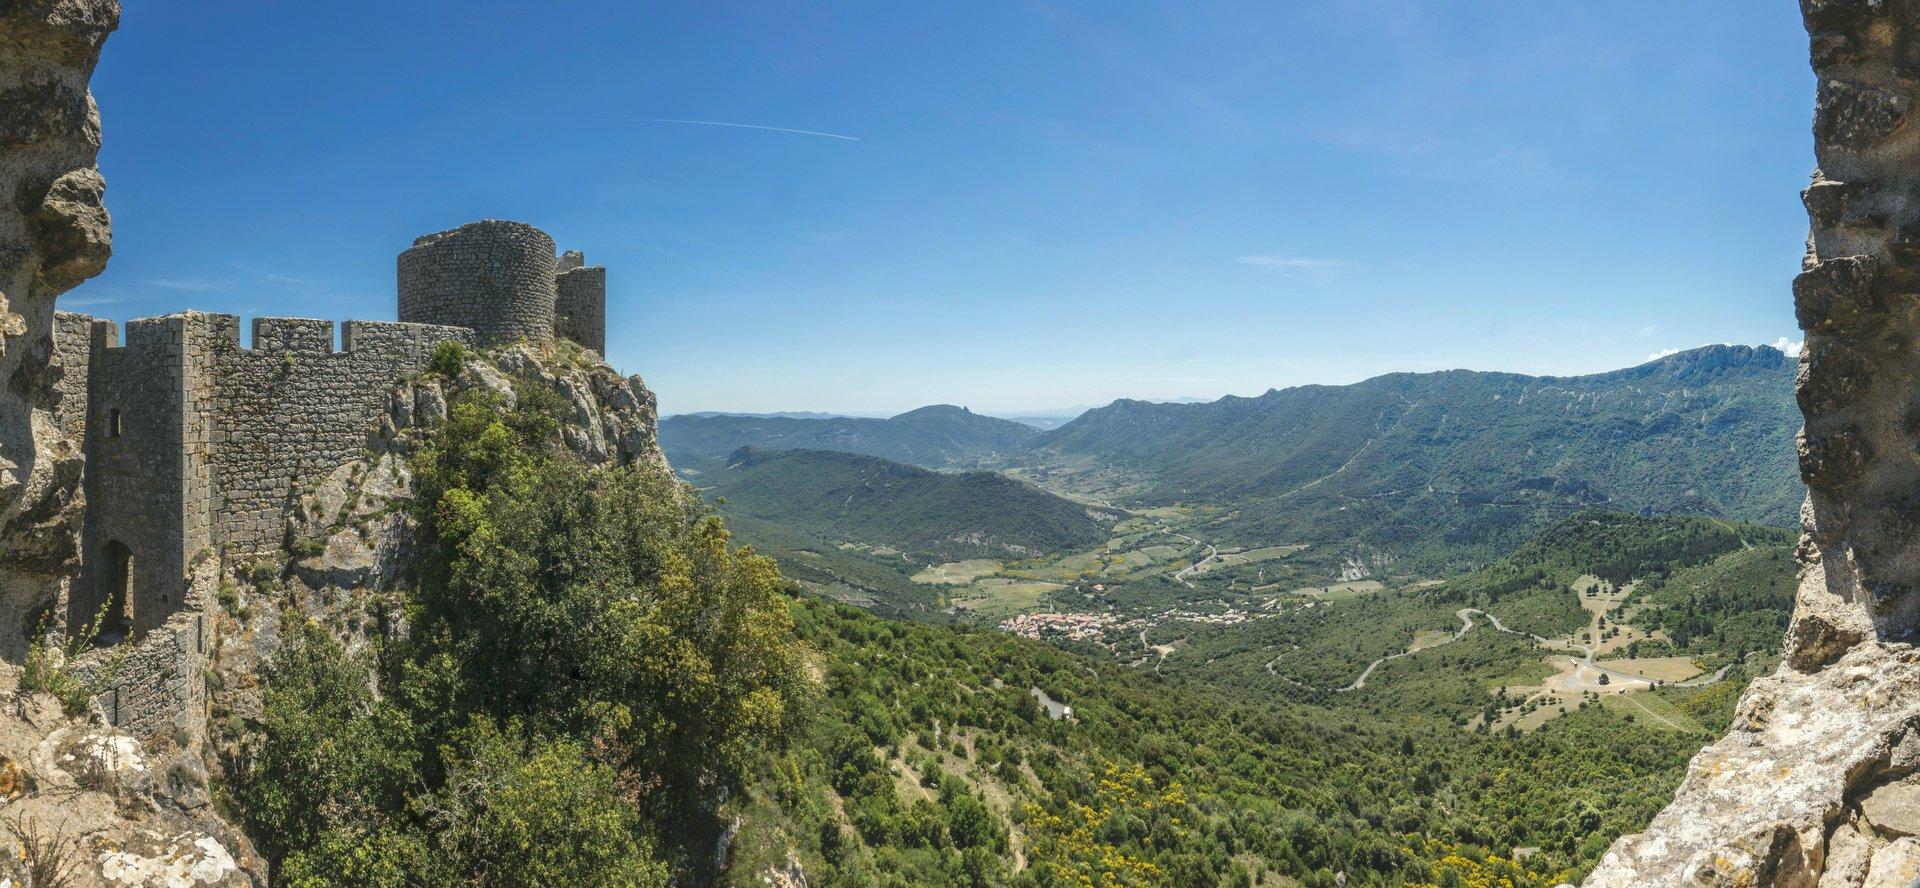 Panoramablick von der mittleren Ringmauer vom Château de Peyrepertuse